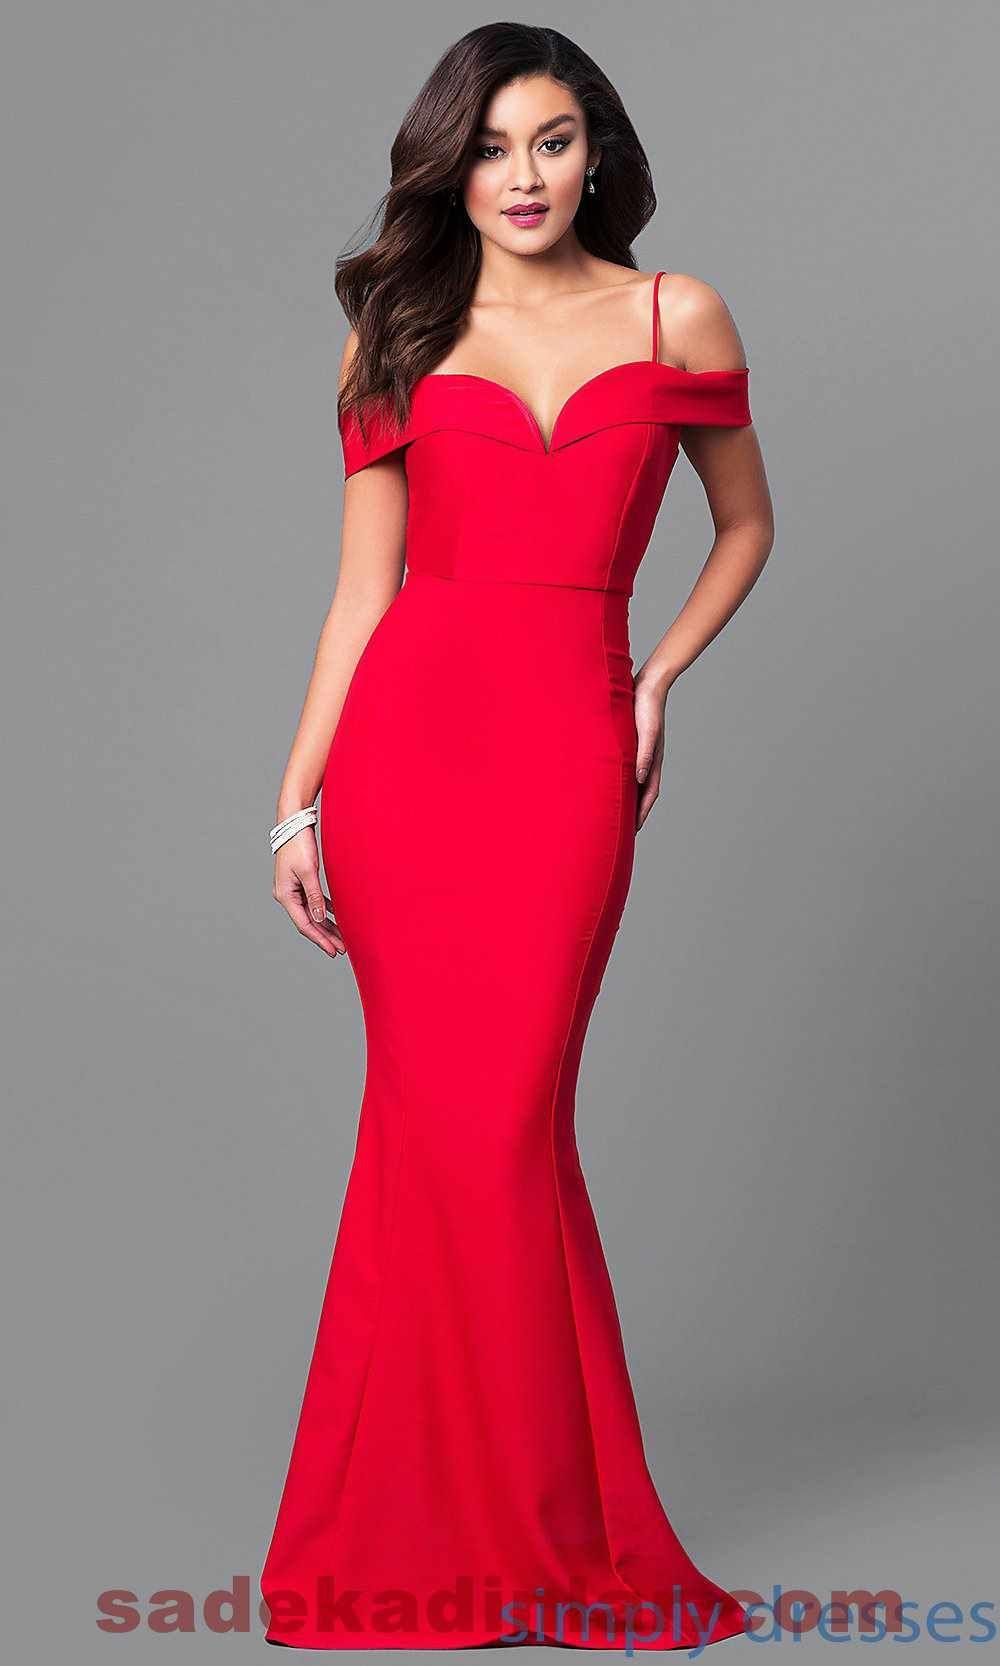 2020 Abiye Elbise Modelleri Son Moda Gece Elbiseleri Aksamustu Giysileri Balo Elbiseleri Kisa Etekli Elbiseler